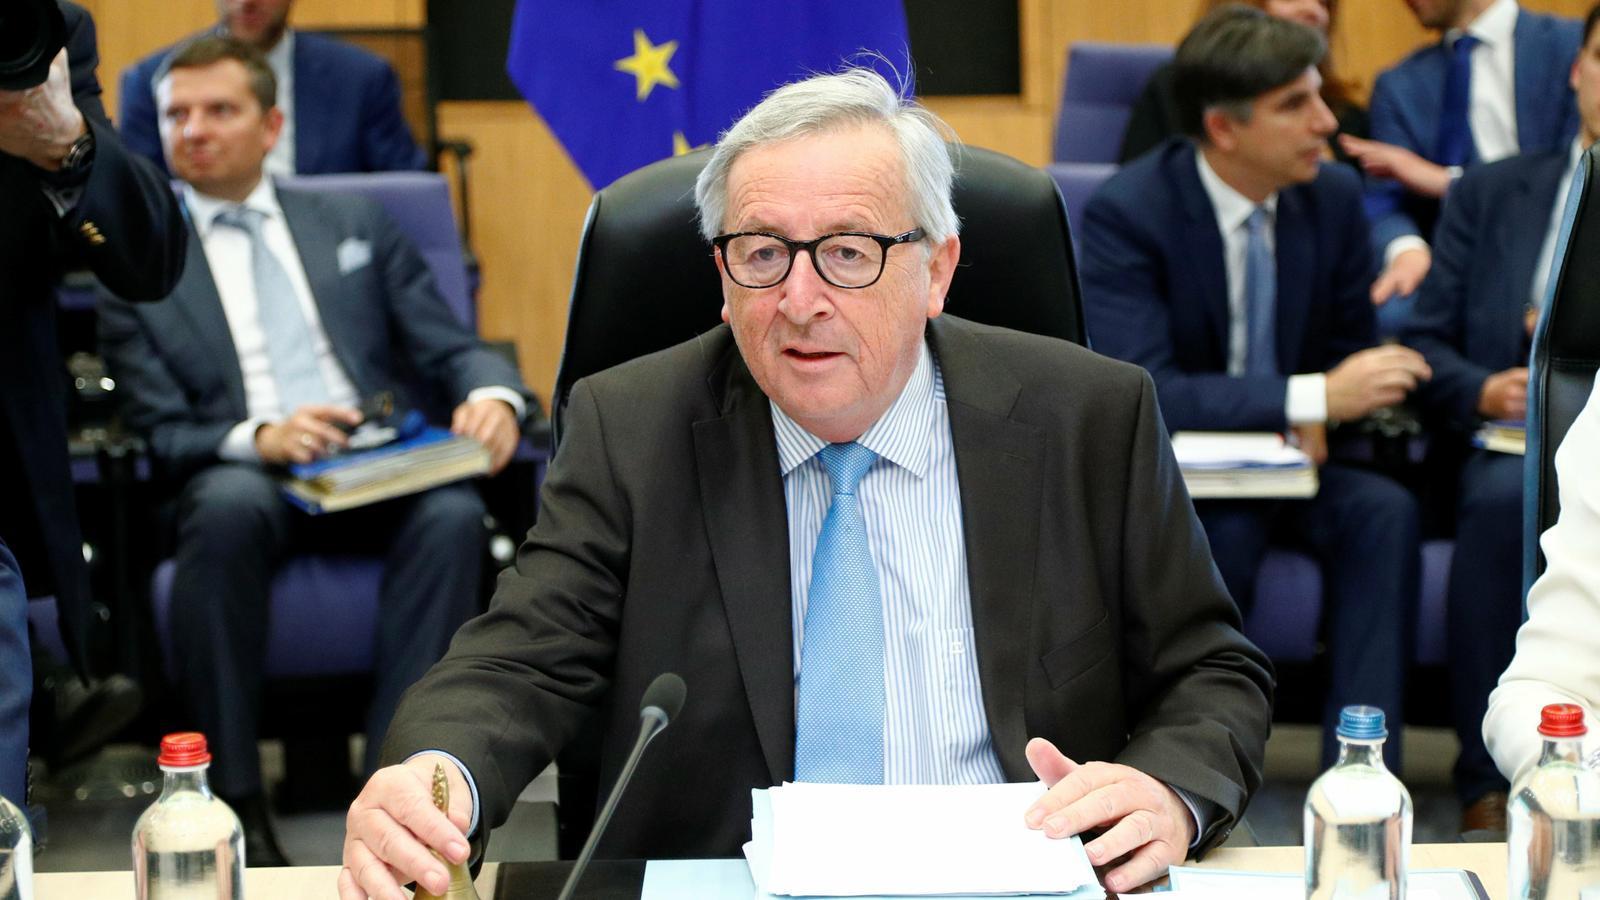 """La UE rep la dimissió de May """"sense alegria"""" i adverteix que el pacte pel Brexit no canviarà"""